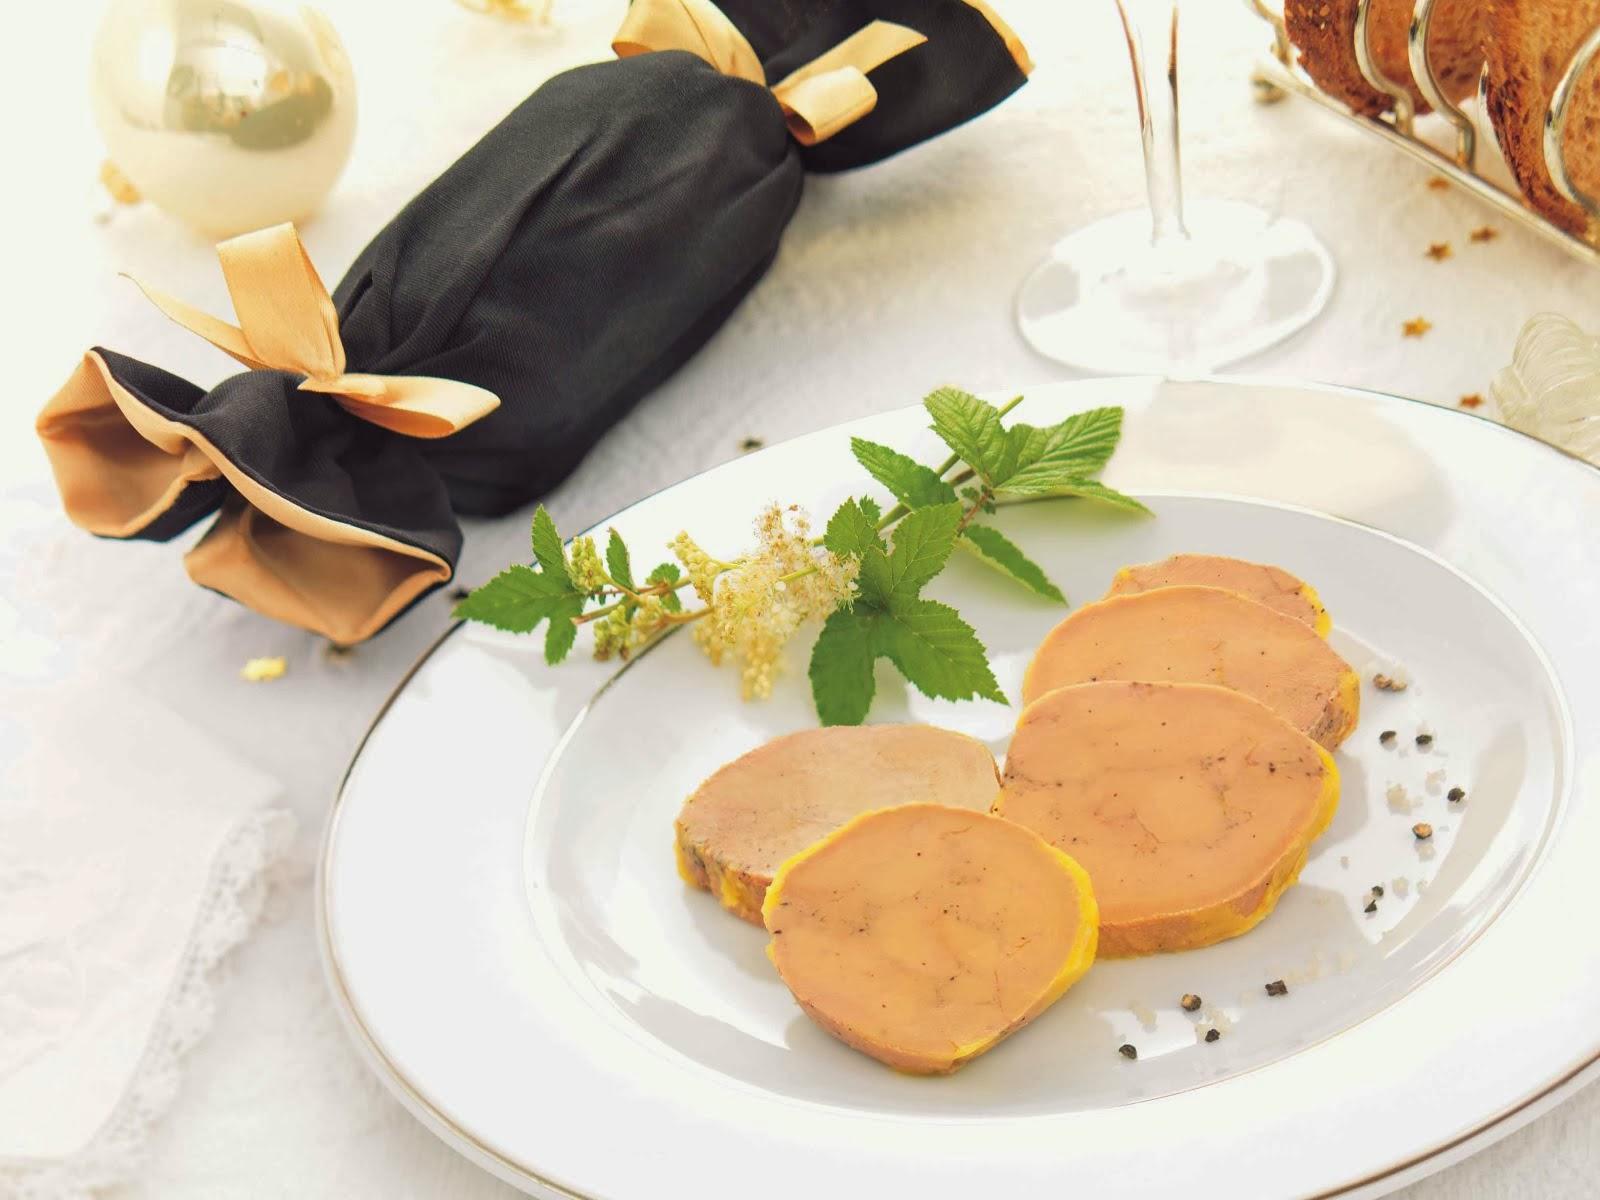 Noel 2013 d couvrez le nouveau foie gras de canard entier - Foie gras au torchon maison ...